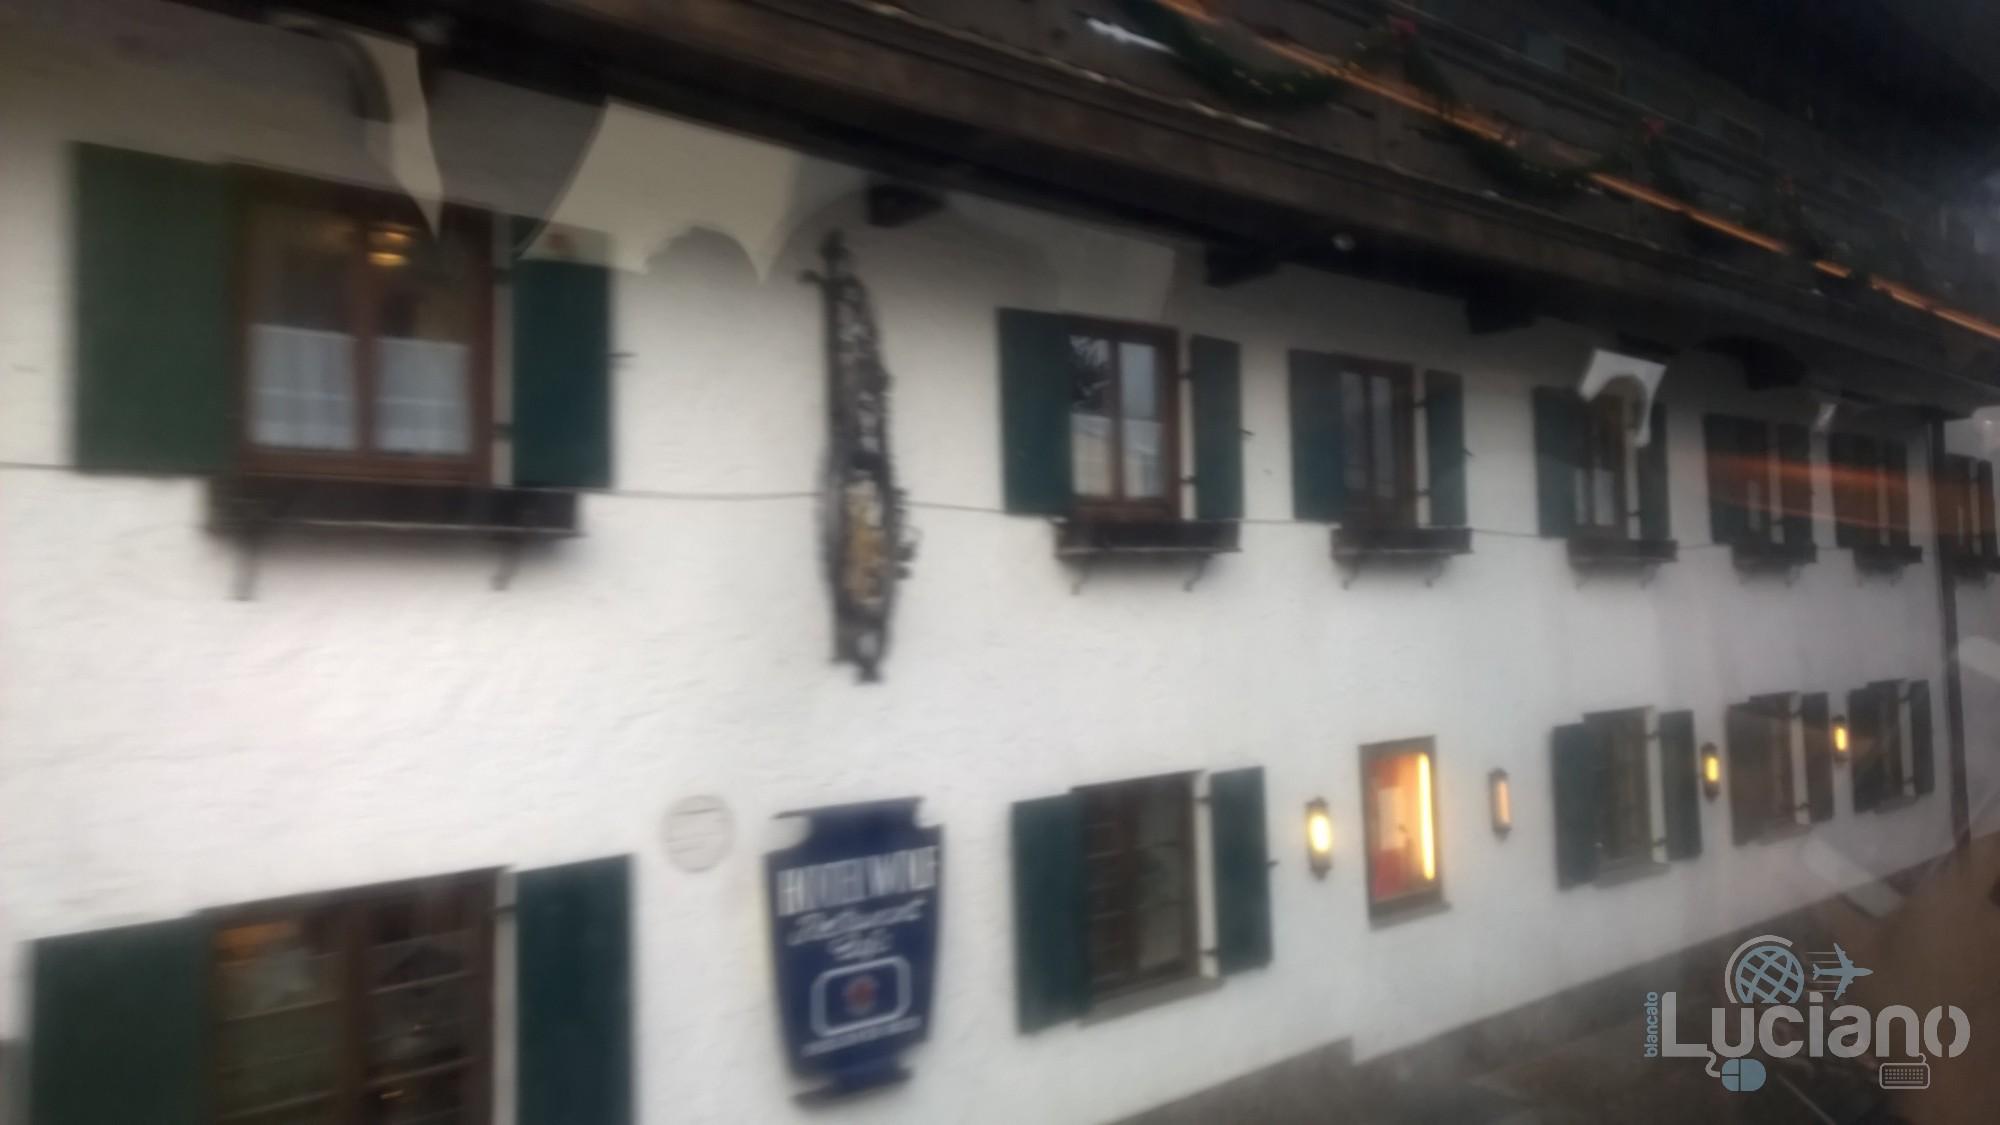 monaco-di-baviera-luciano-blancato (113)